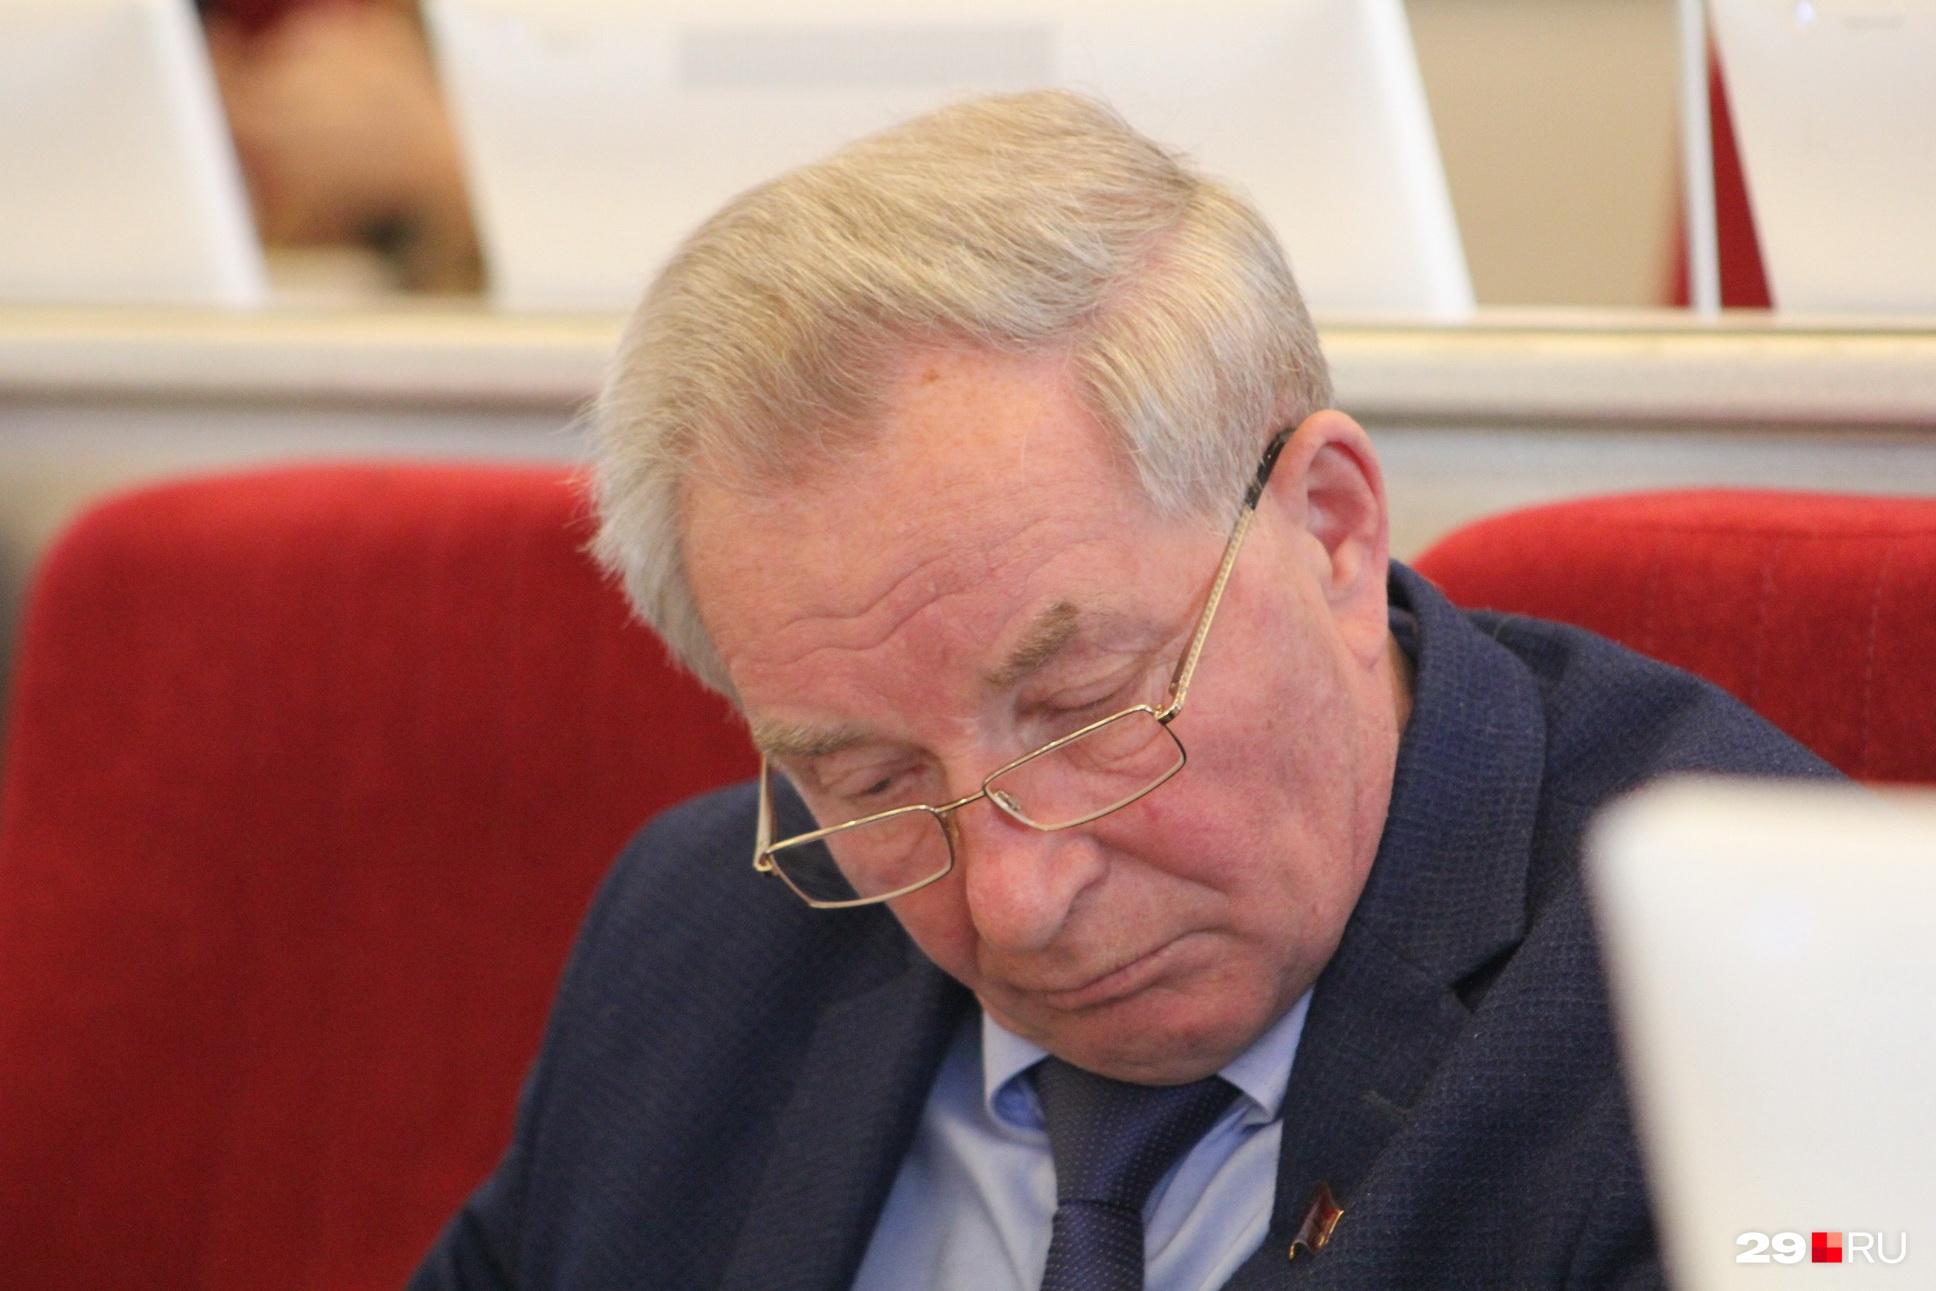 Депутат Архангельского областного собрания от КПРФ Александр Новиков высказался об отставке губернатора